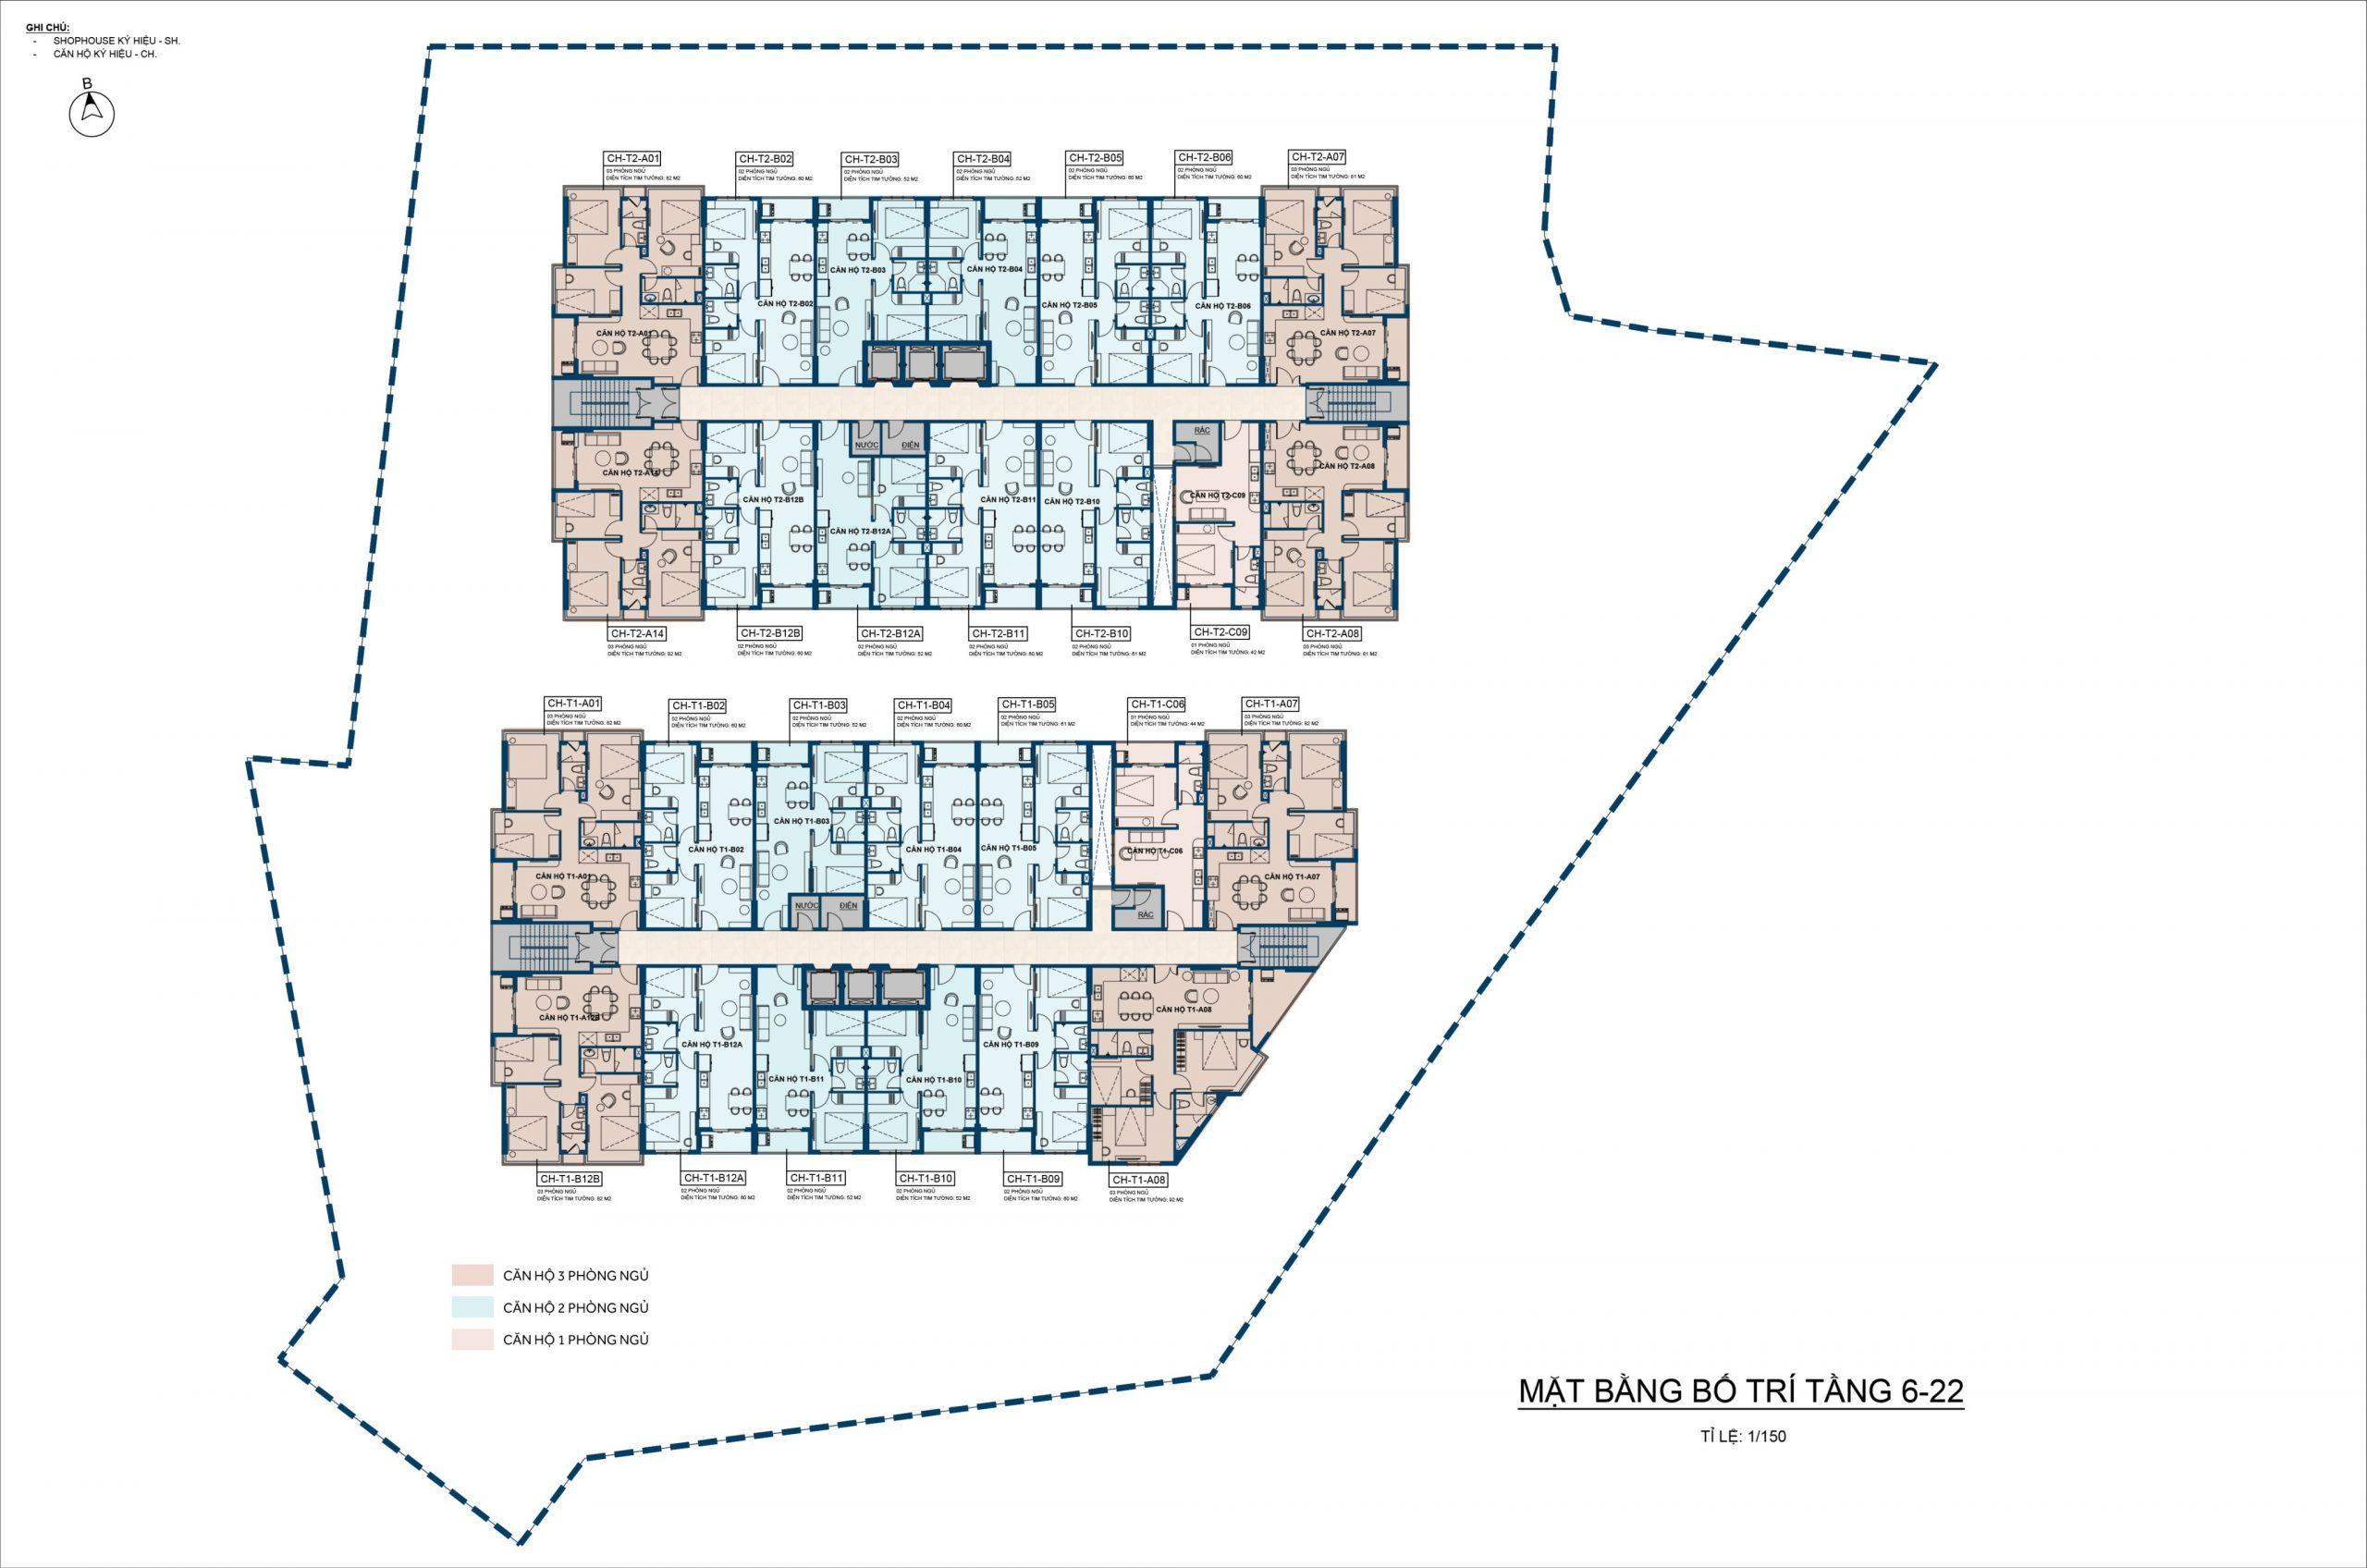 Thiên Quân Marina Plaza Mặt Bằng Tầng 6 - 22